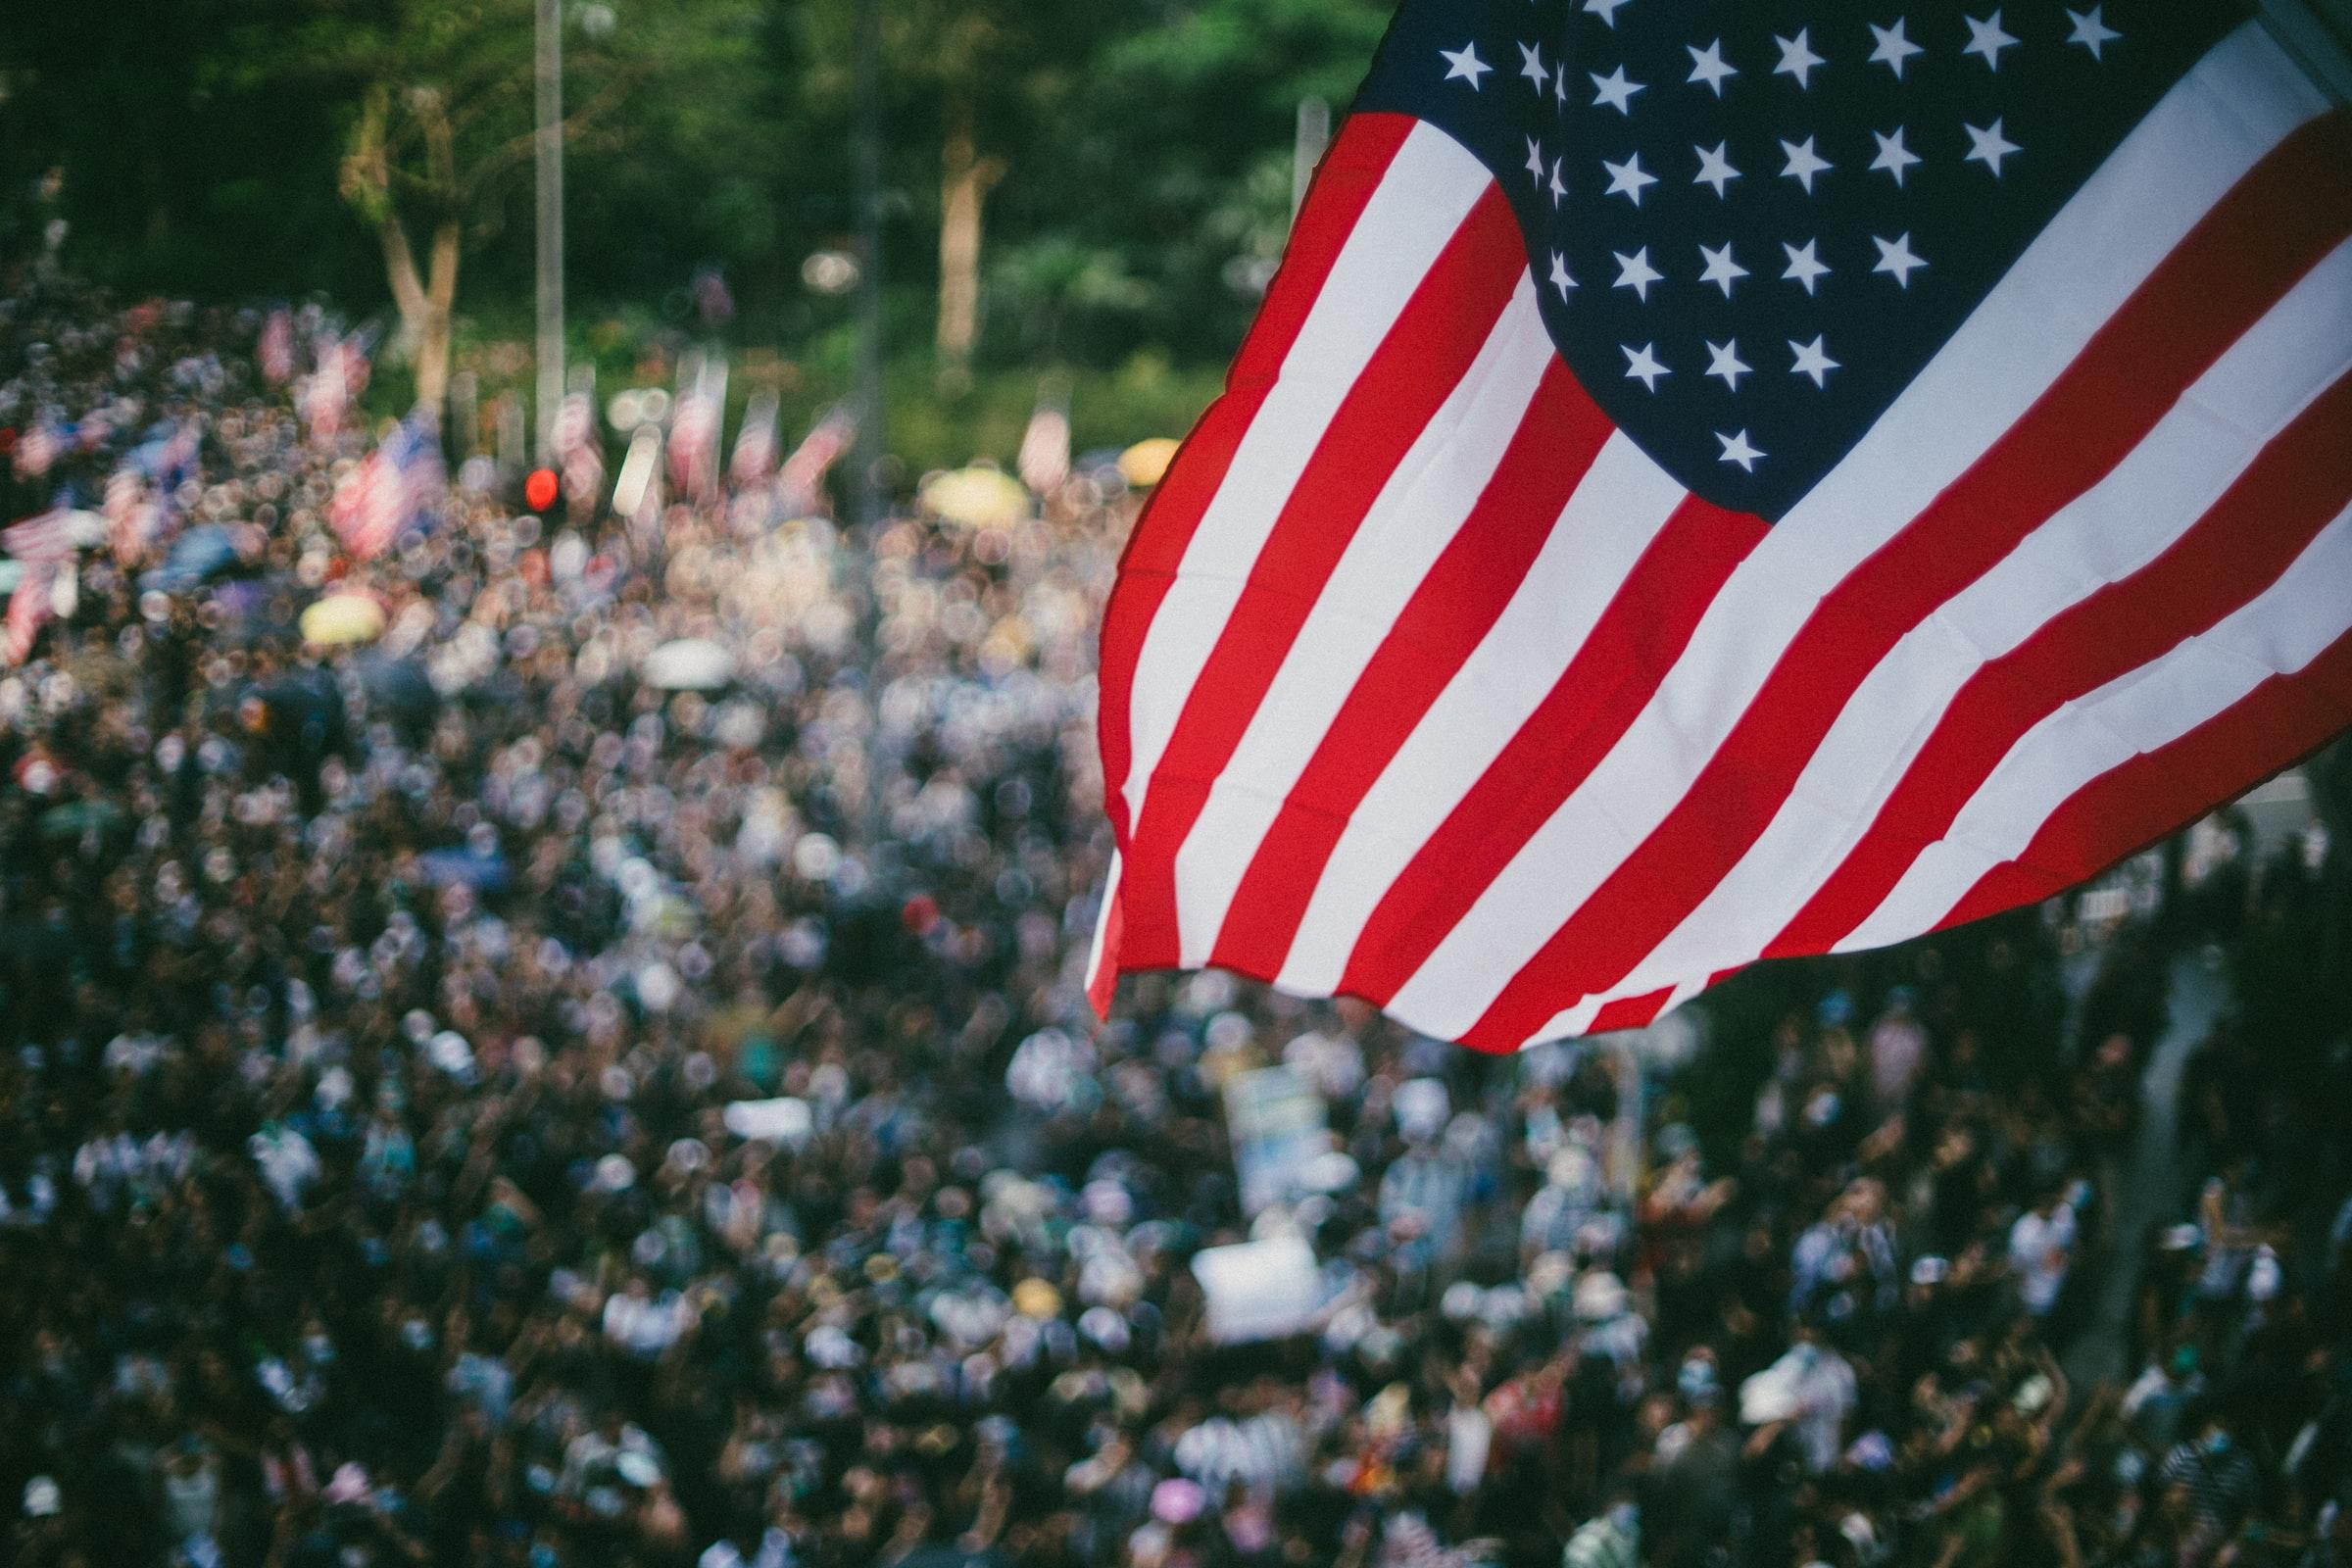 American flag in focus